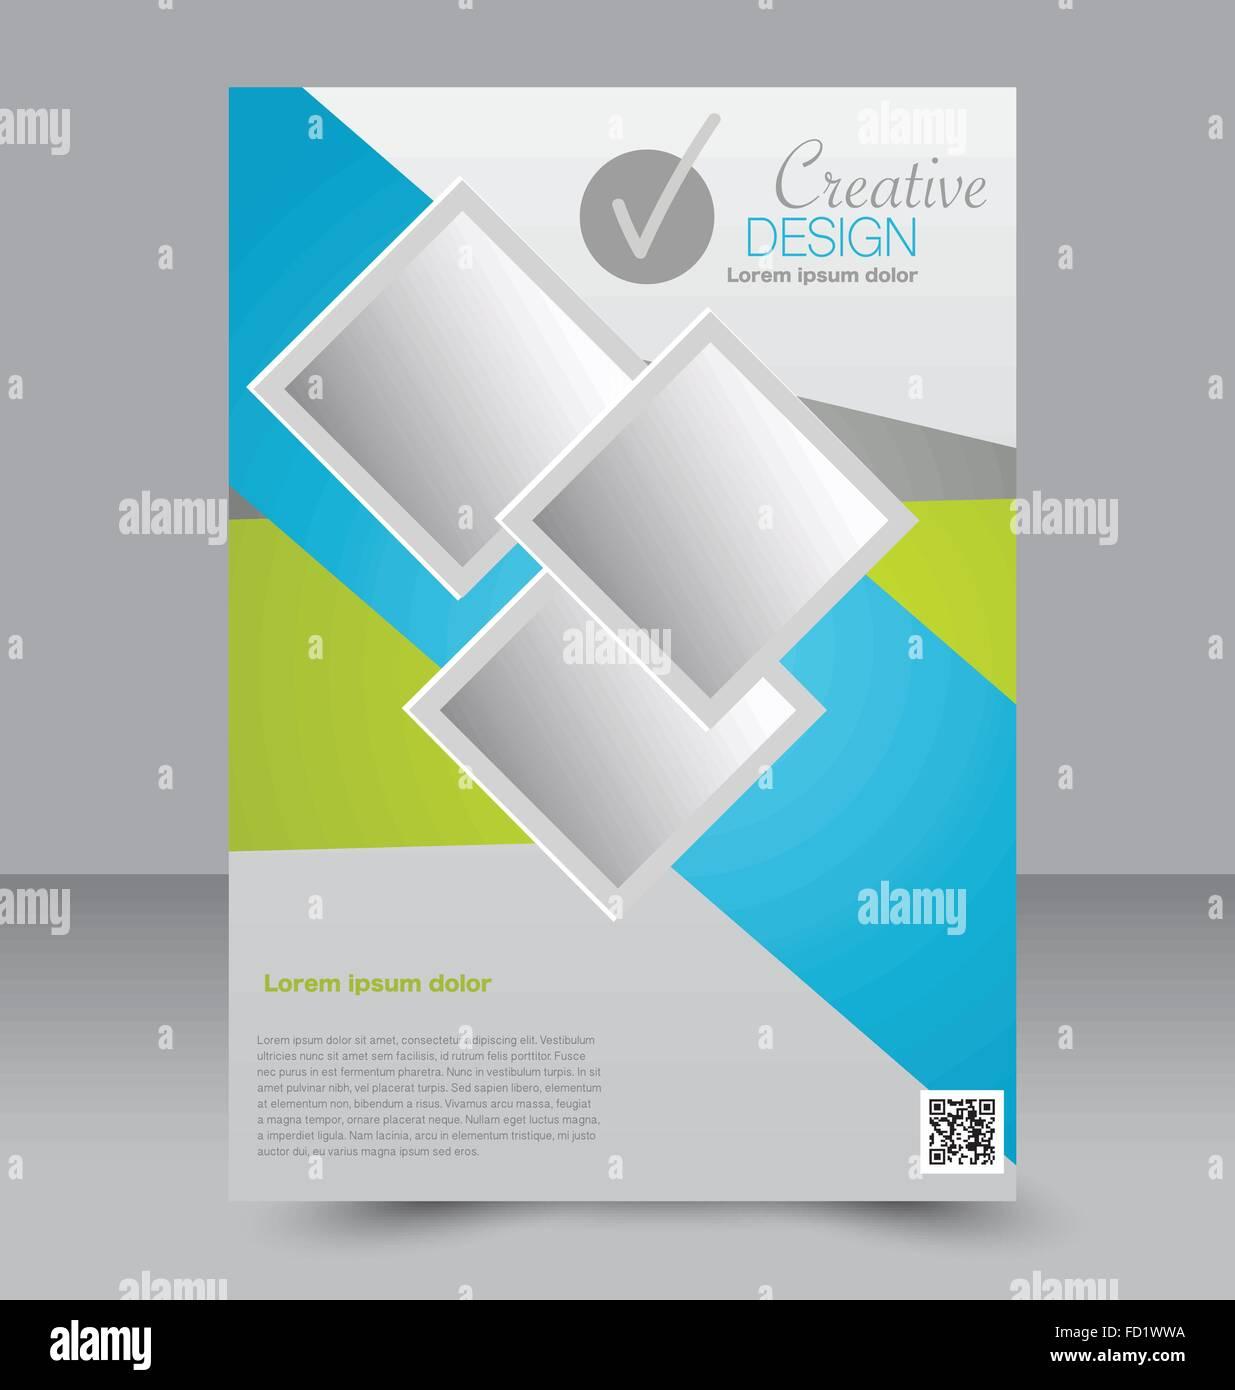 Erfreut Broschüre Deckblatt Vorlage Ideen - Entry Level Resume ...